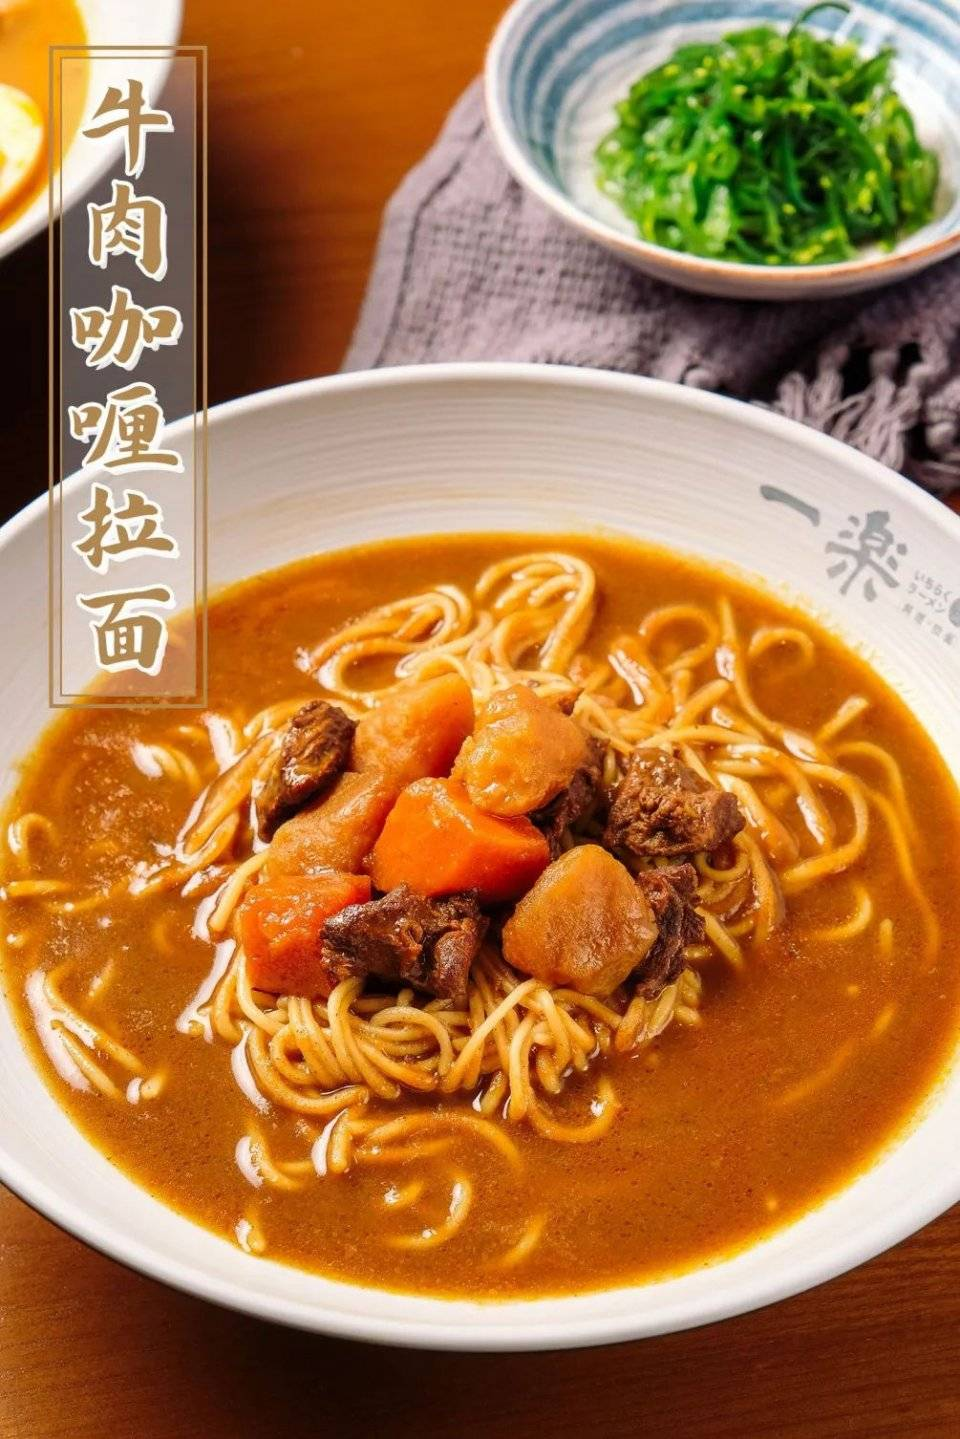 浓到黏唇的汤底,80+款日式小吃,在东方新天地 增肌食谱 第26张